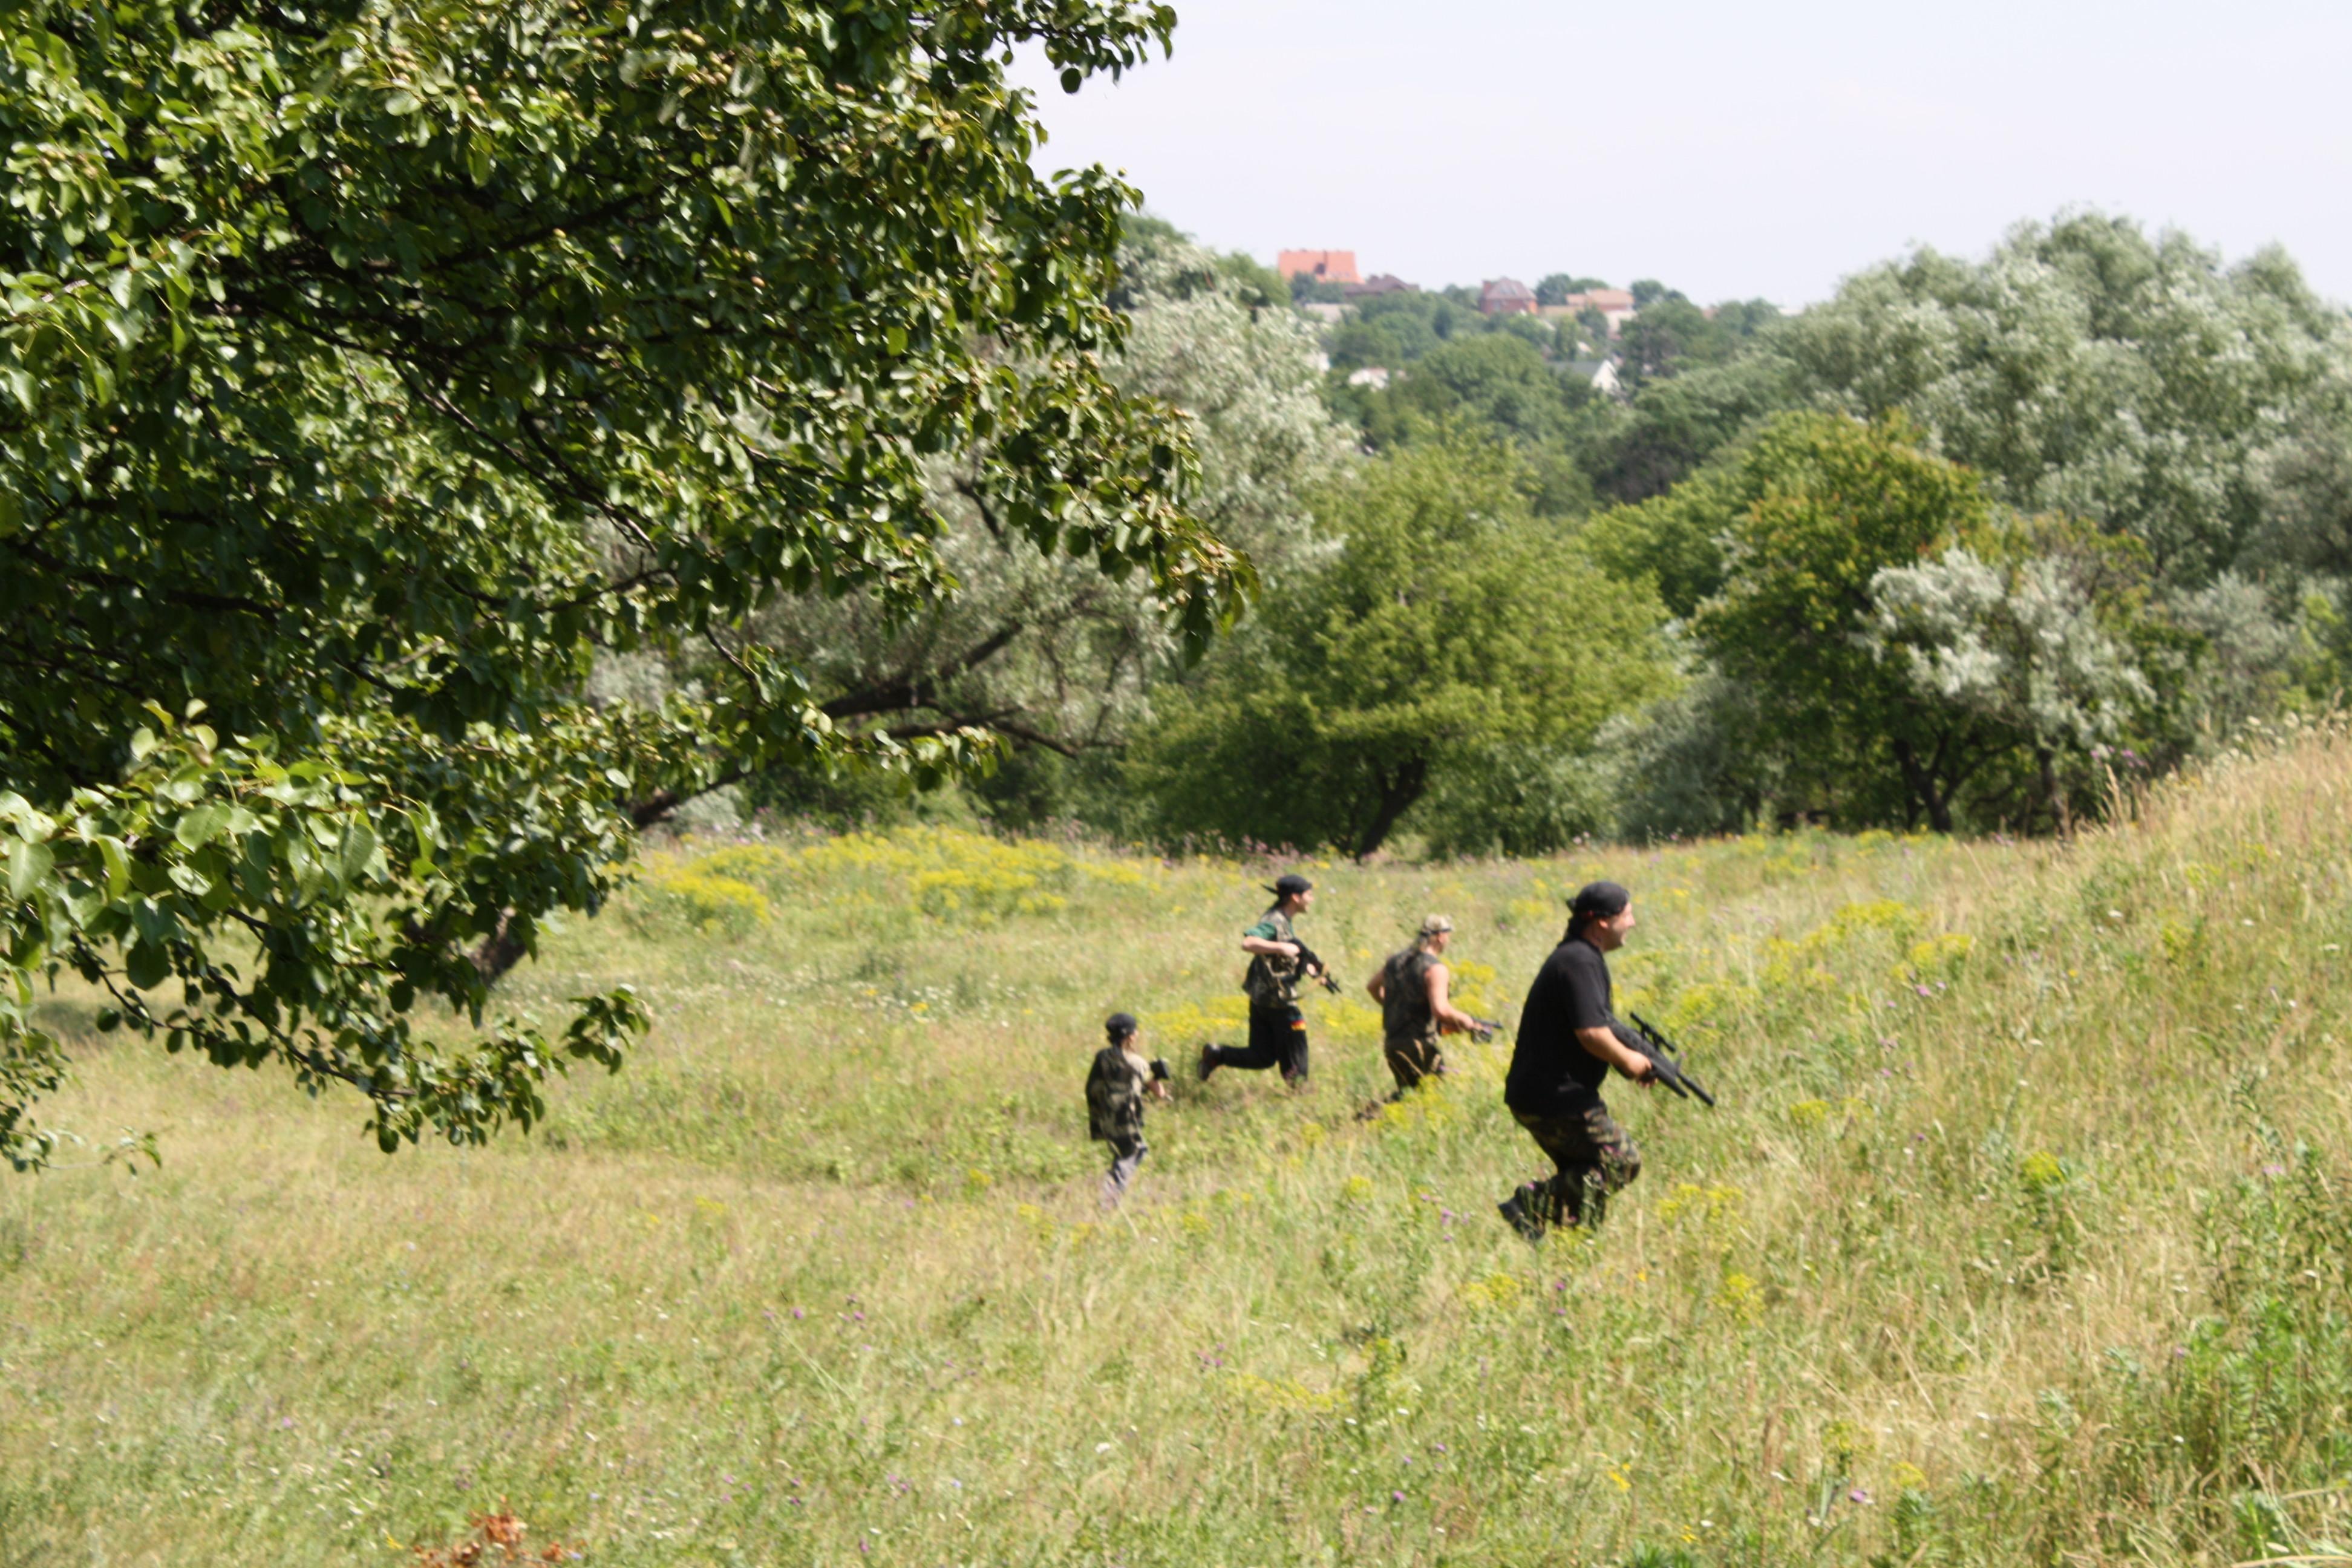 Провести выходные за городом играя в Лазертаг Днепр